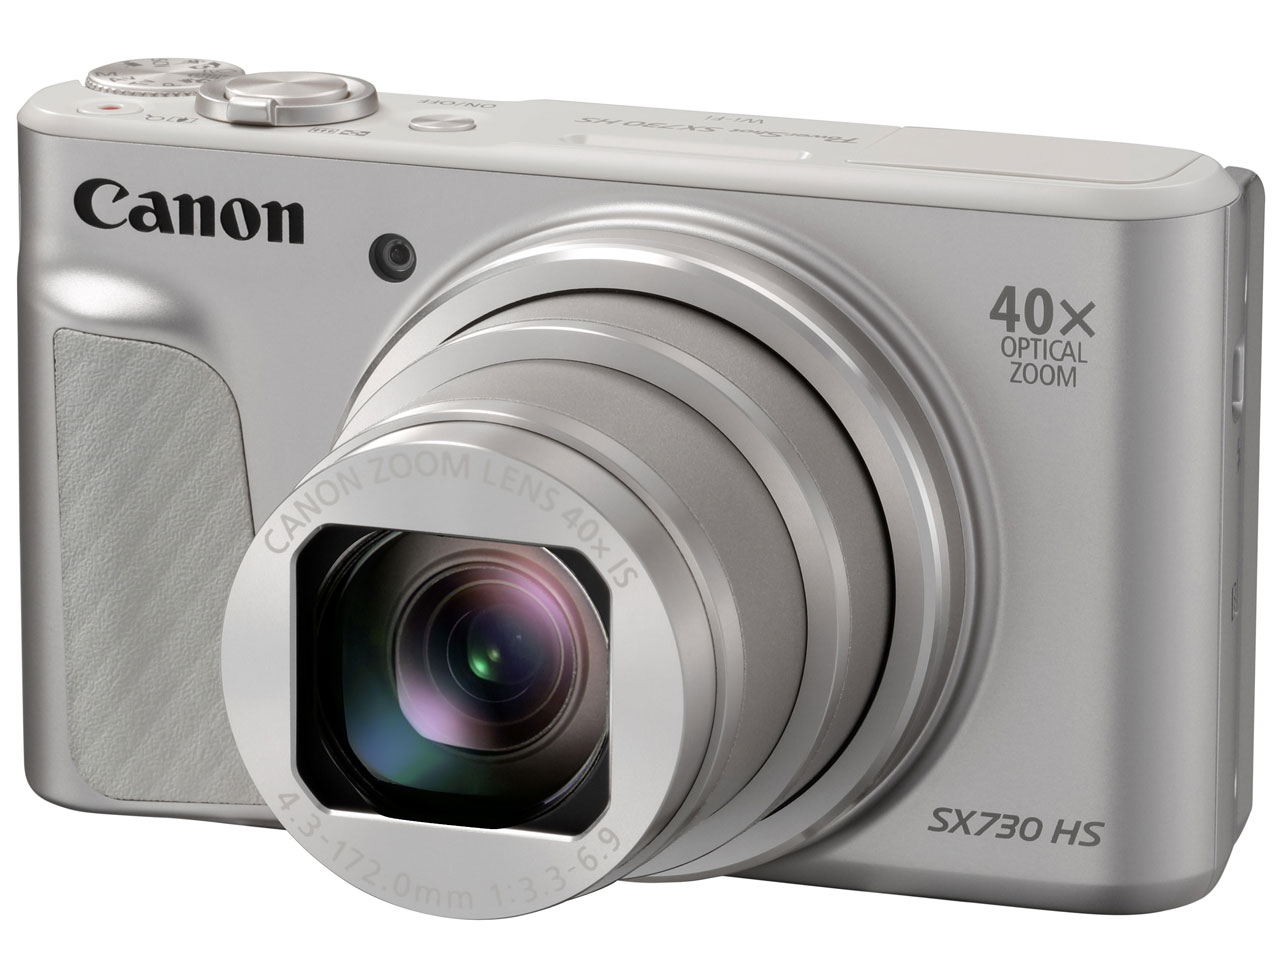 展示品 Canon PowerShot SX730 HS シルバー 在庫有り